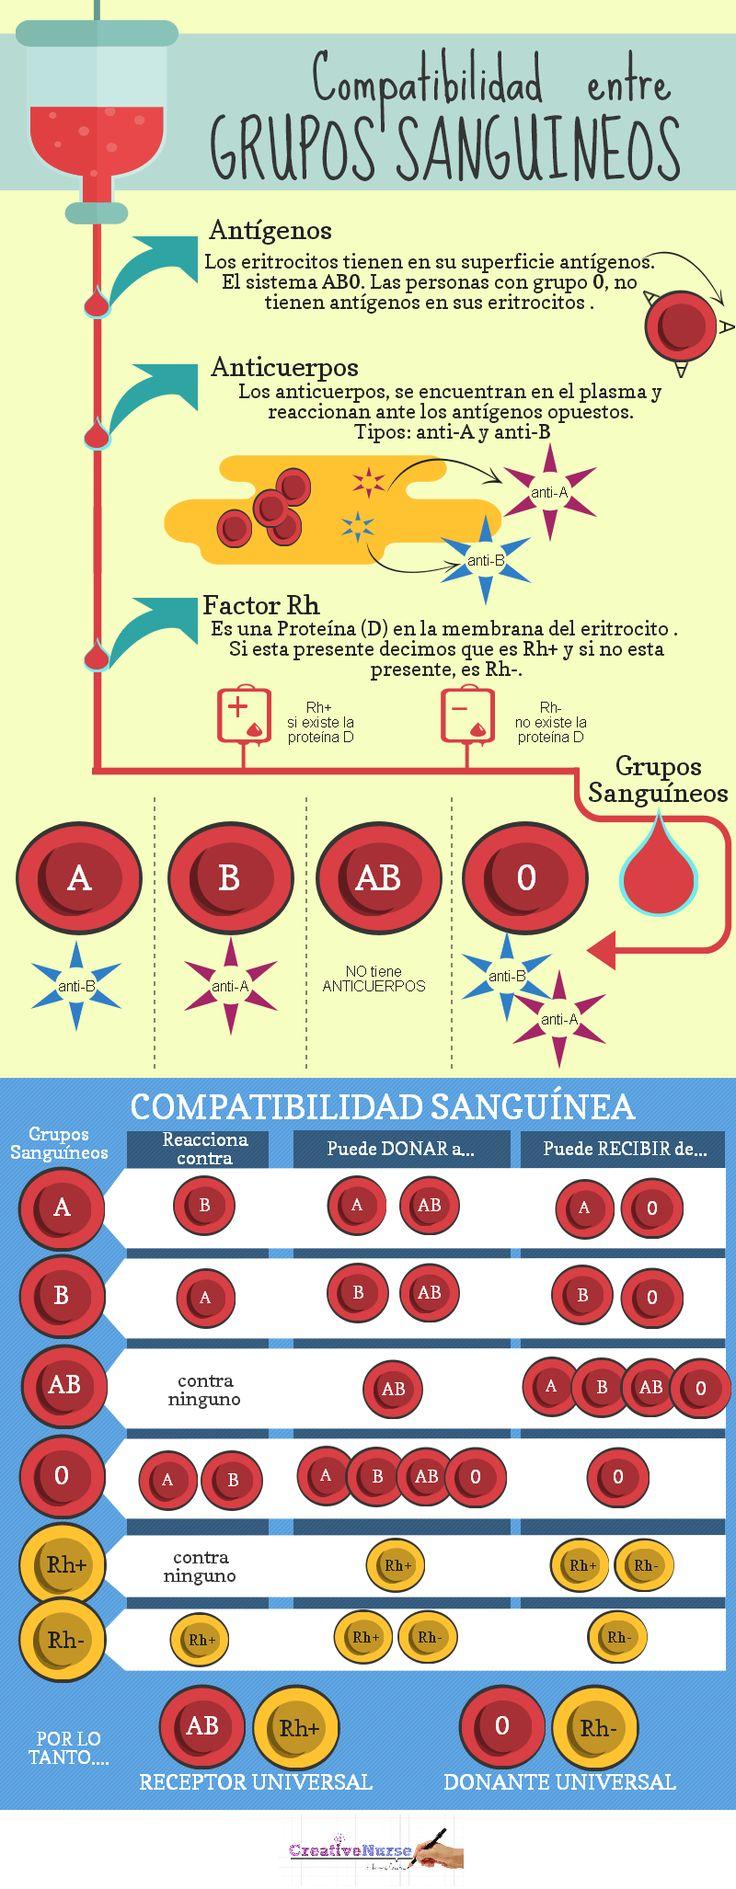 grupos sanguineos para enfermería